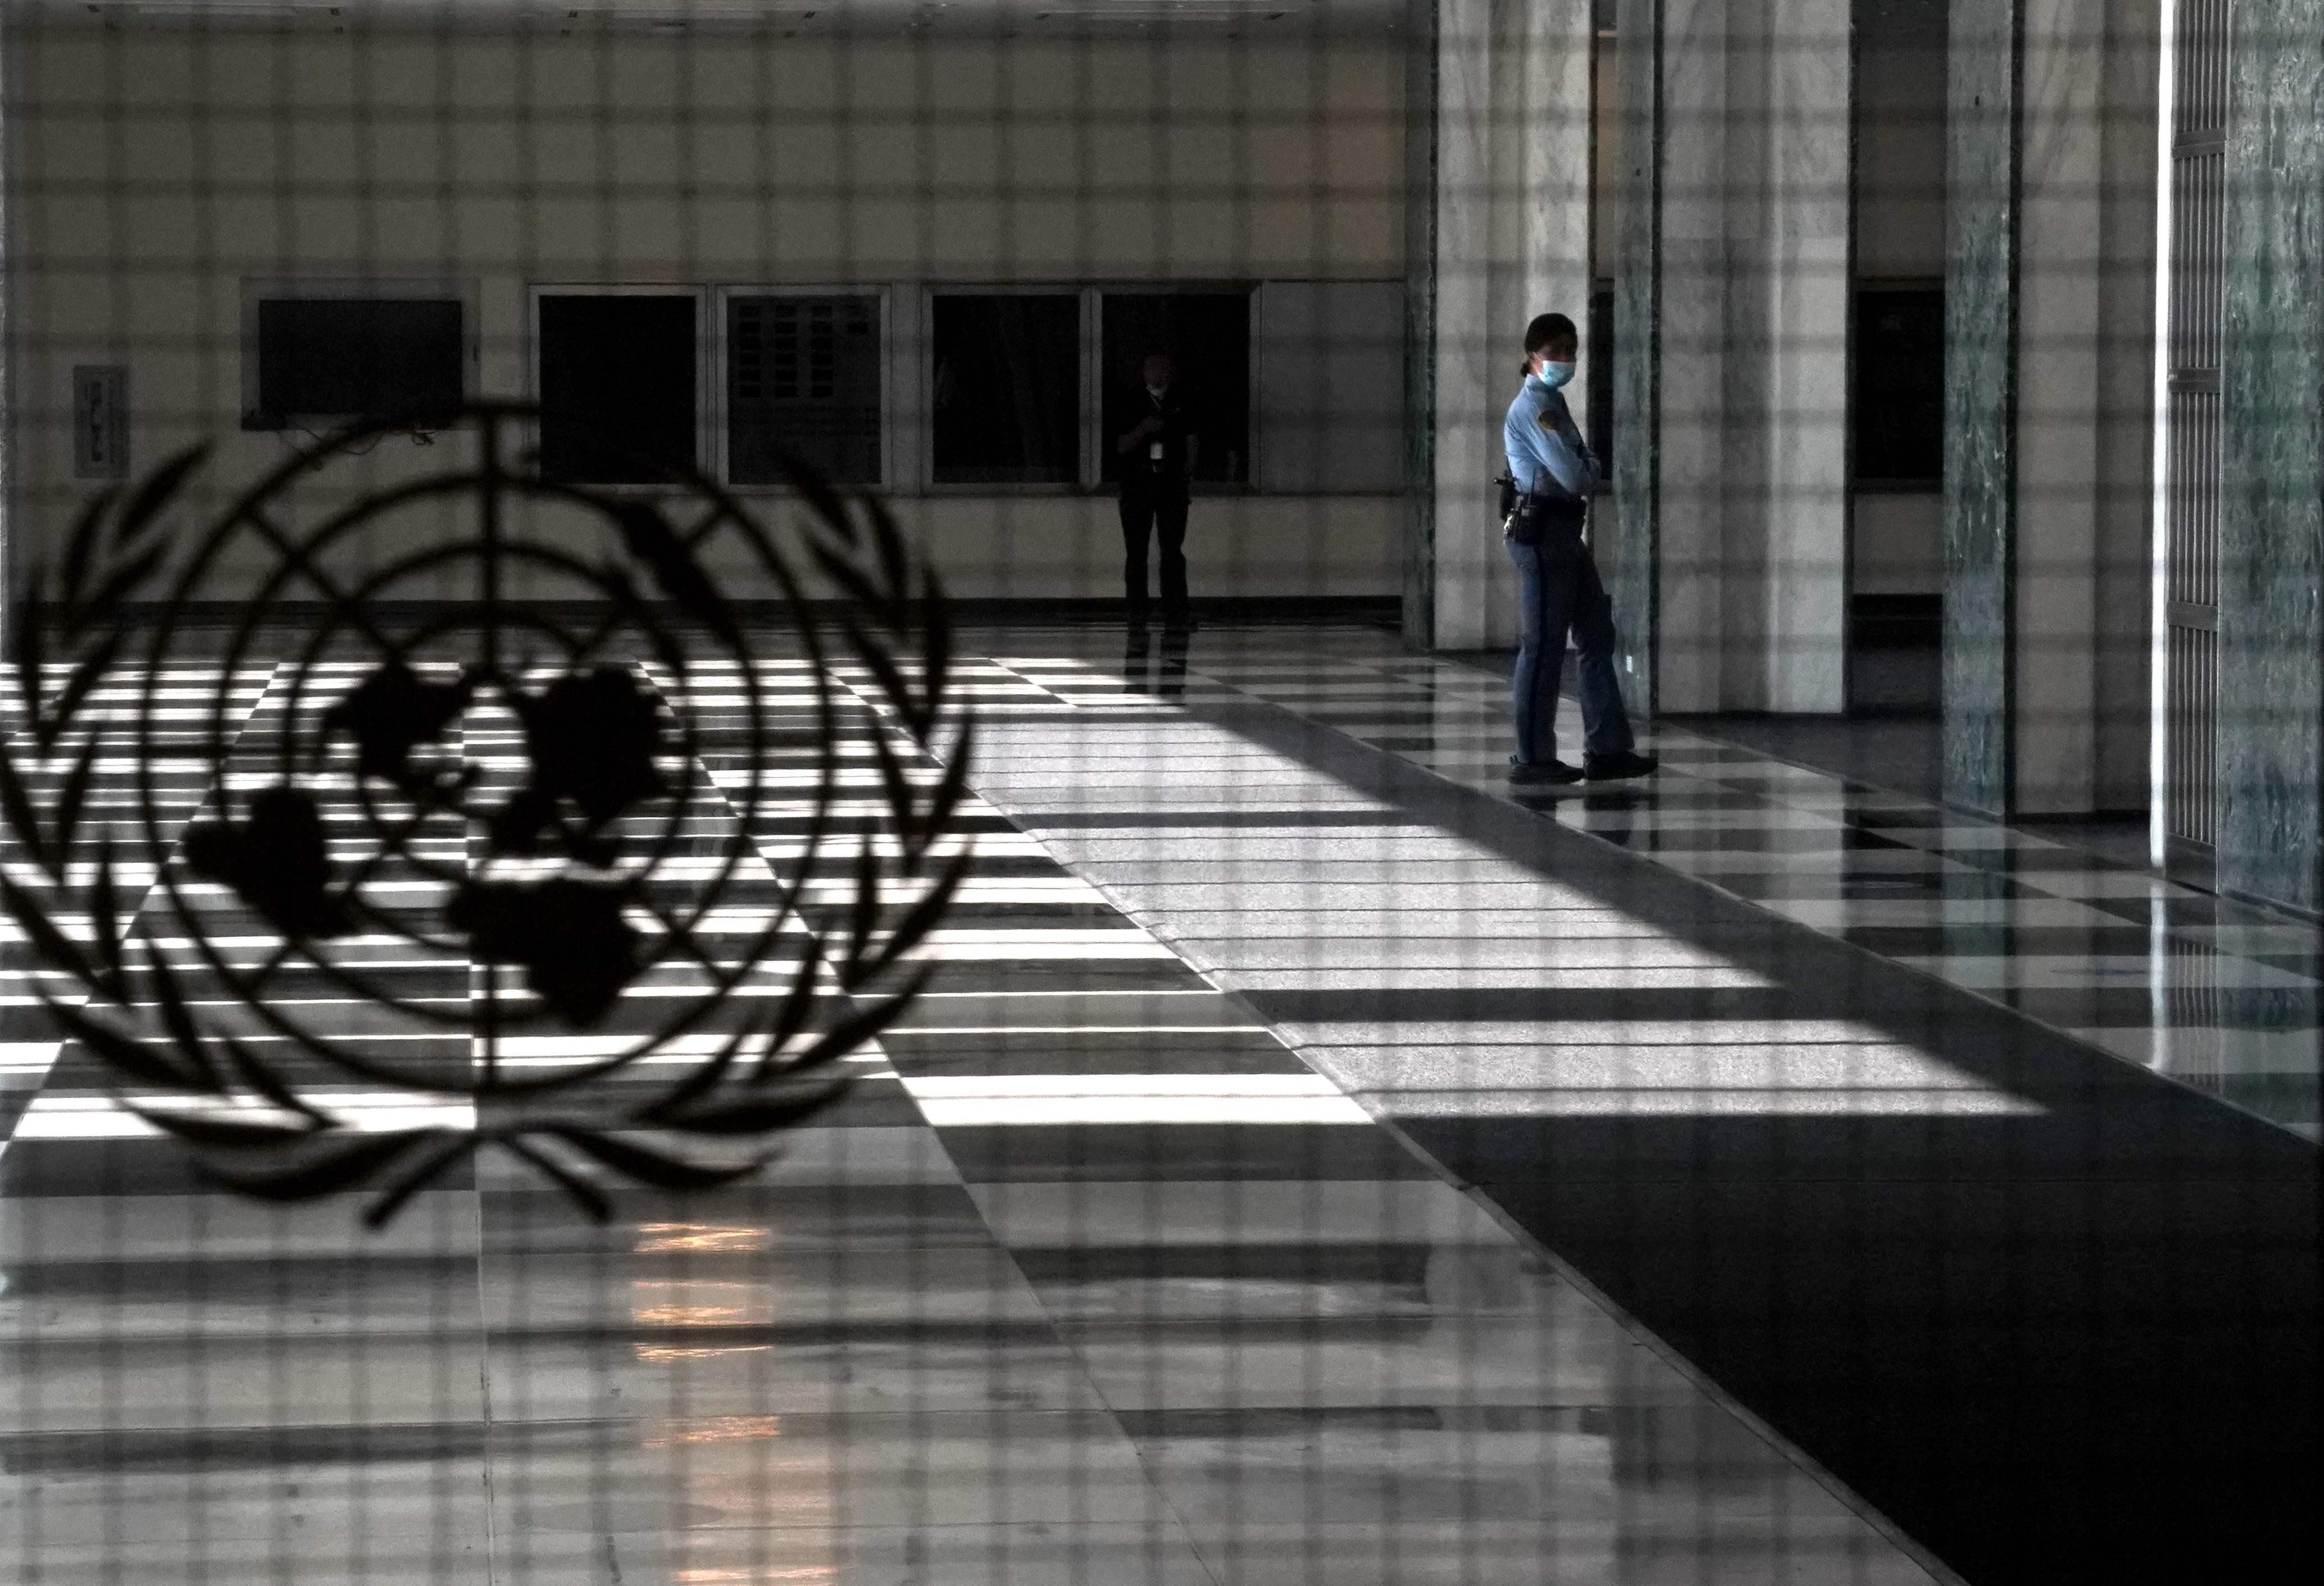 美国纽约联合国总部。第75届联合国大会一般性辩论在纽约联合国总部拉开帷幕。.jpg